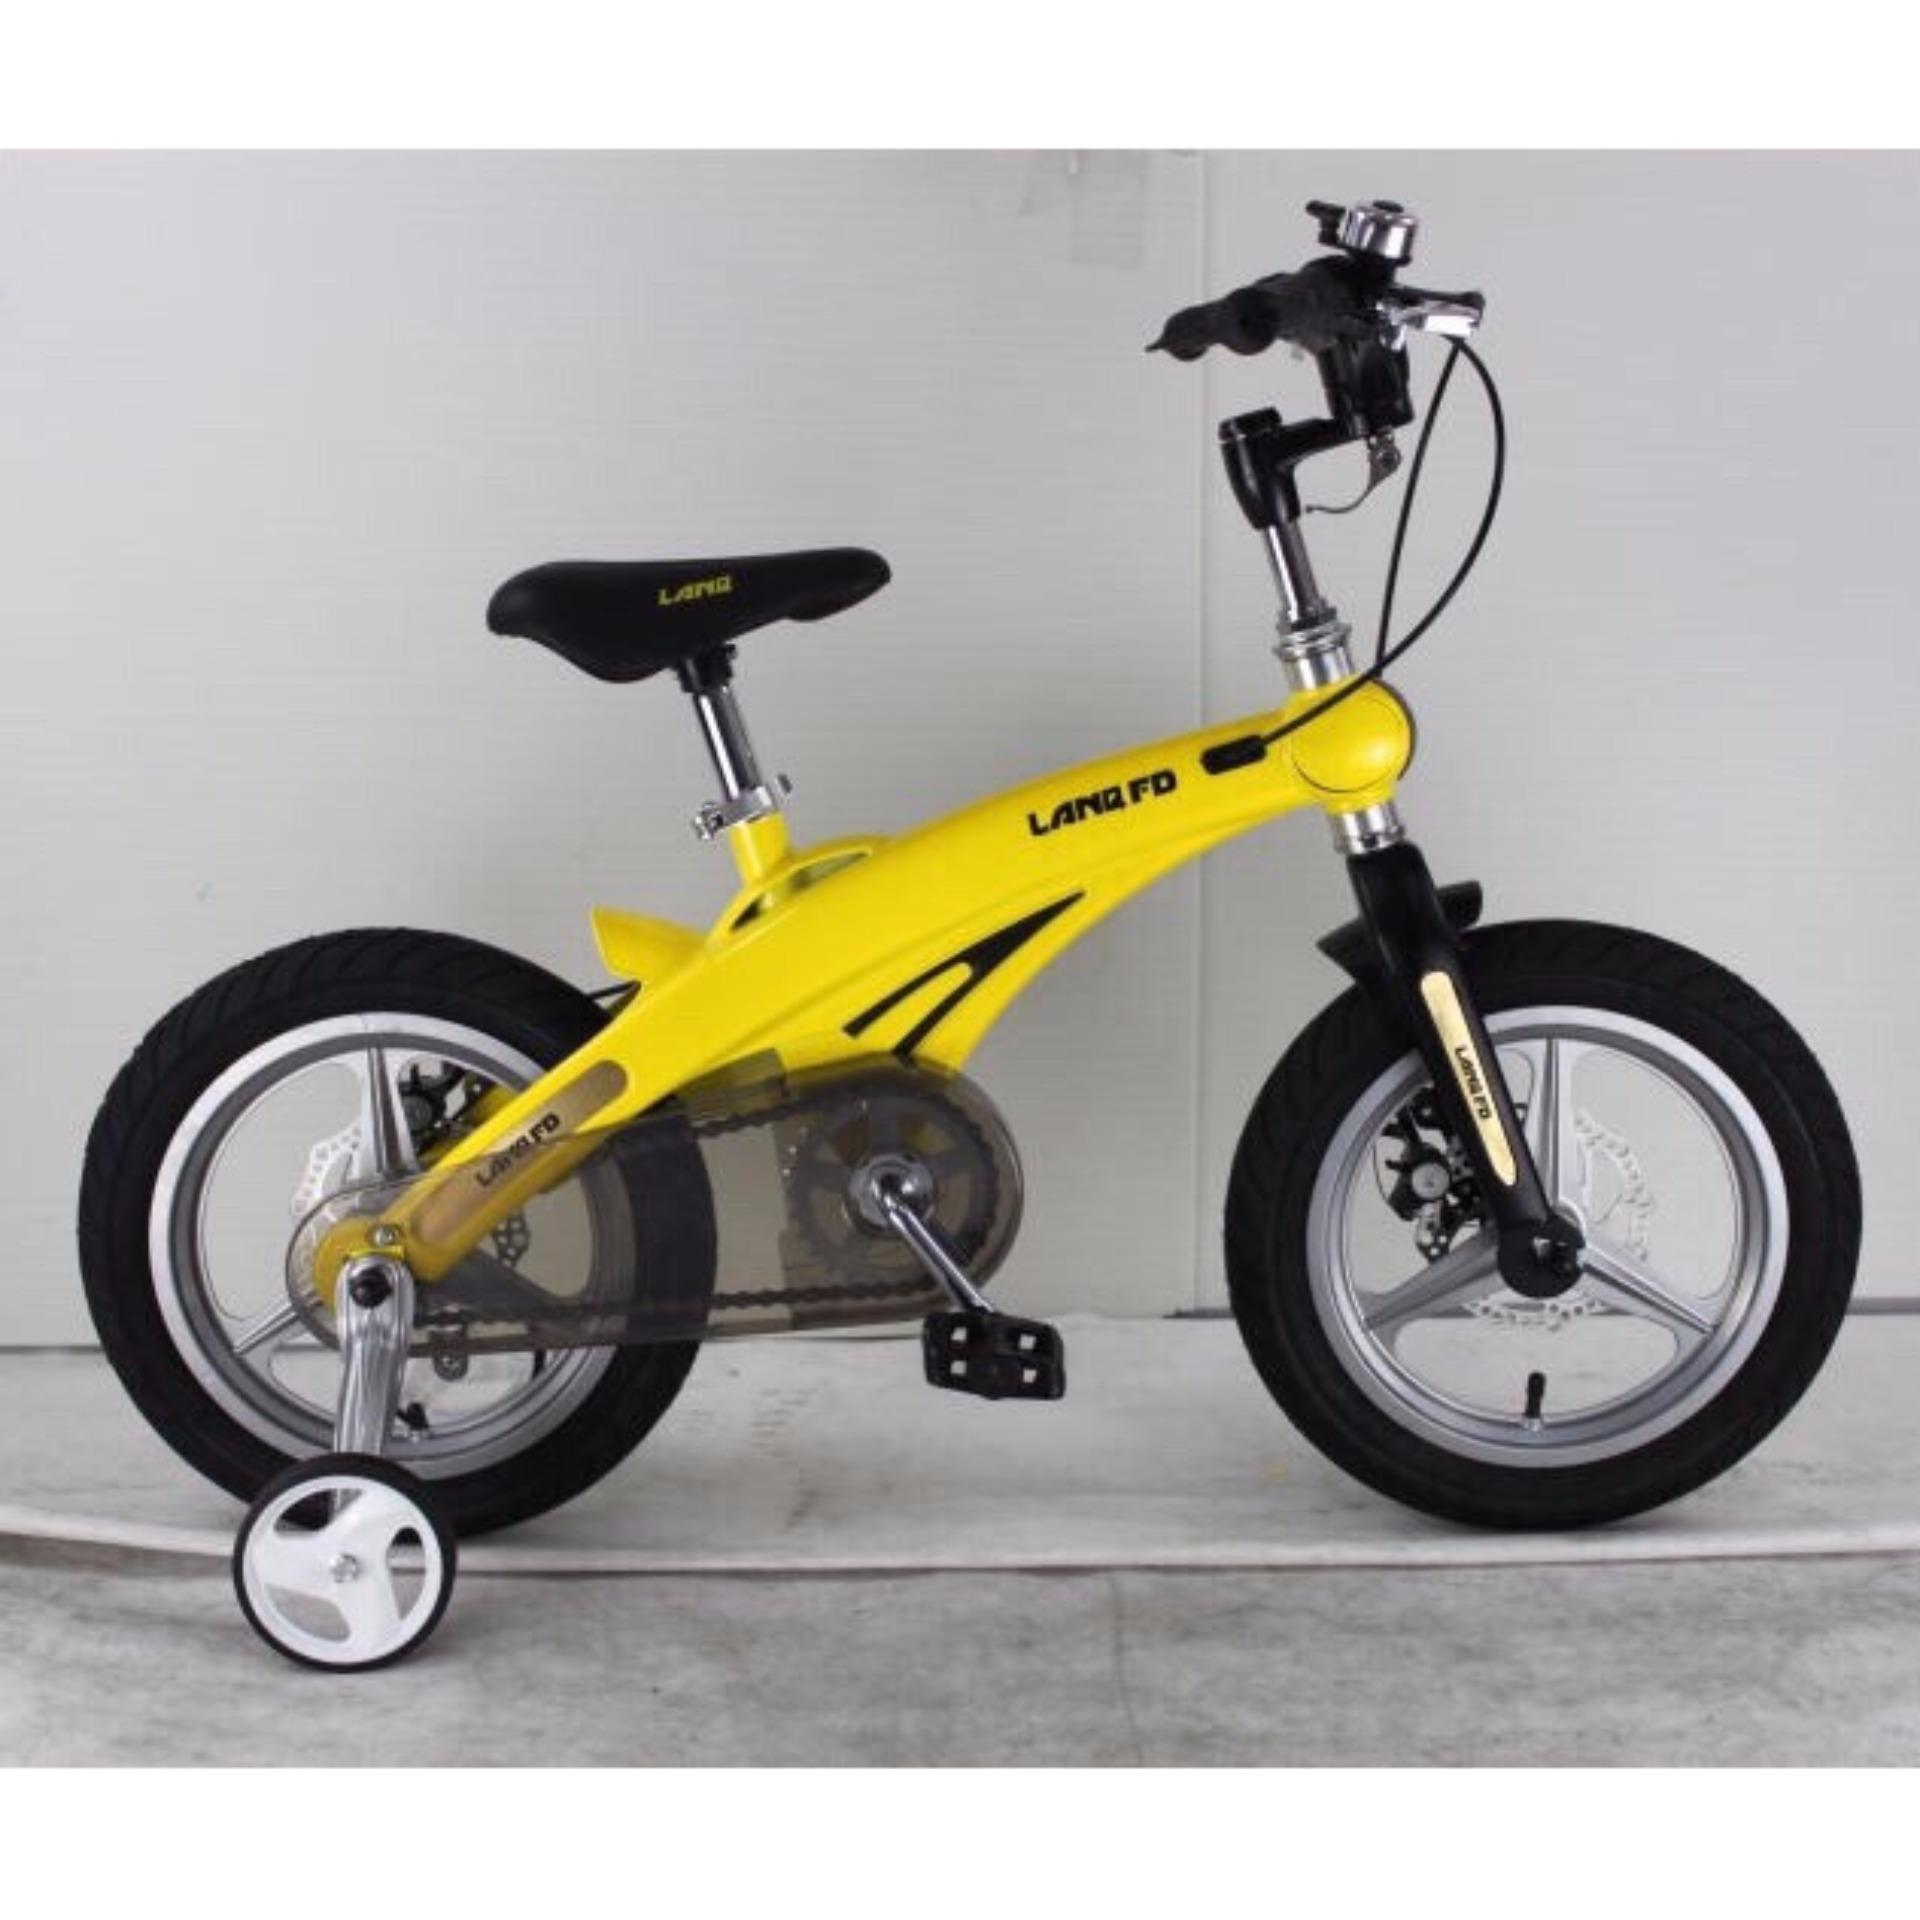 Xe đạp trẻ em LANQ FD1640 2017 (Vàng)